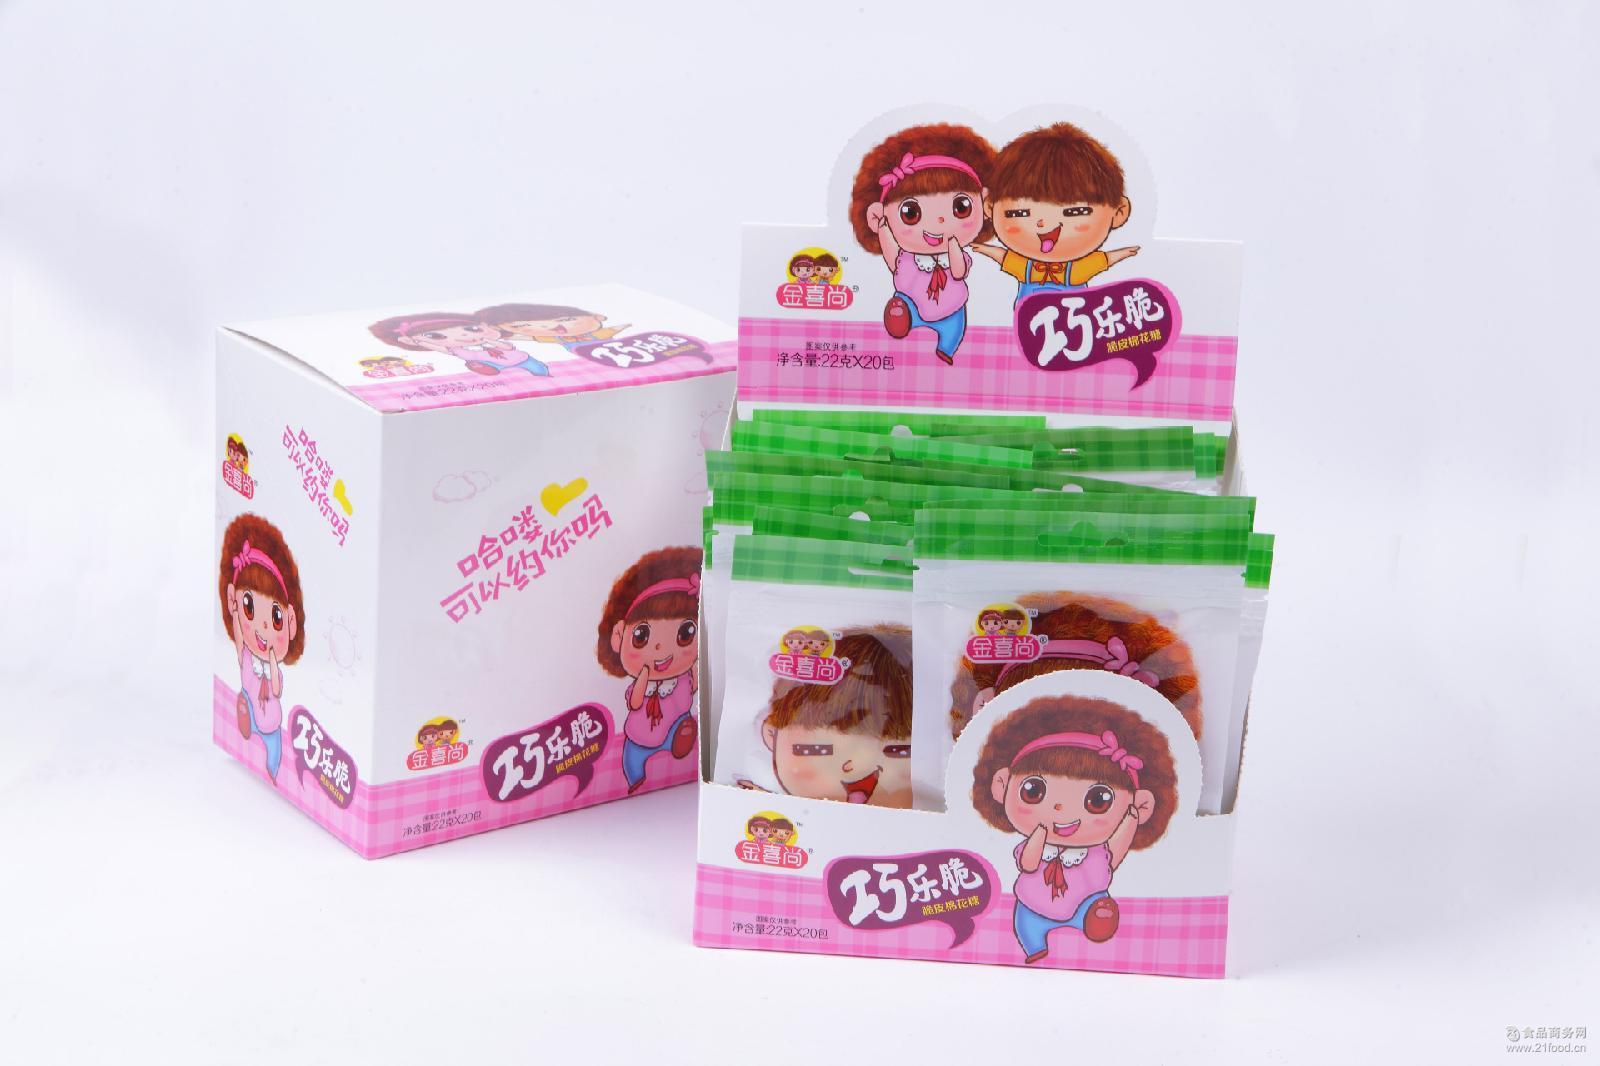 脆皮棉花糖_独立包装 金喜尚25克/包 脆皮棉花糖批发价格 糖果-食品商务网